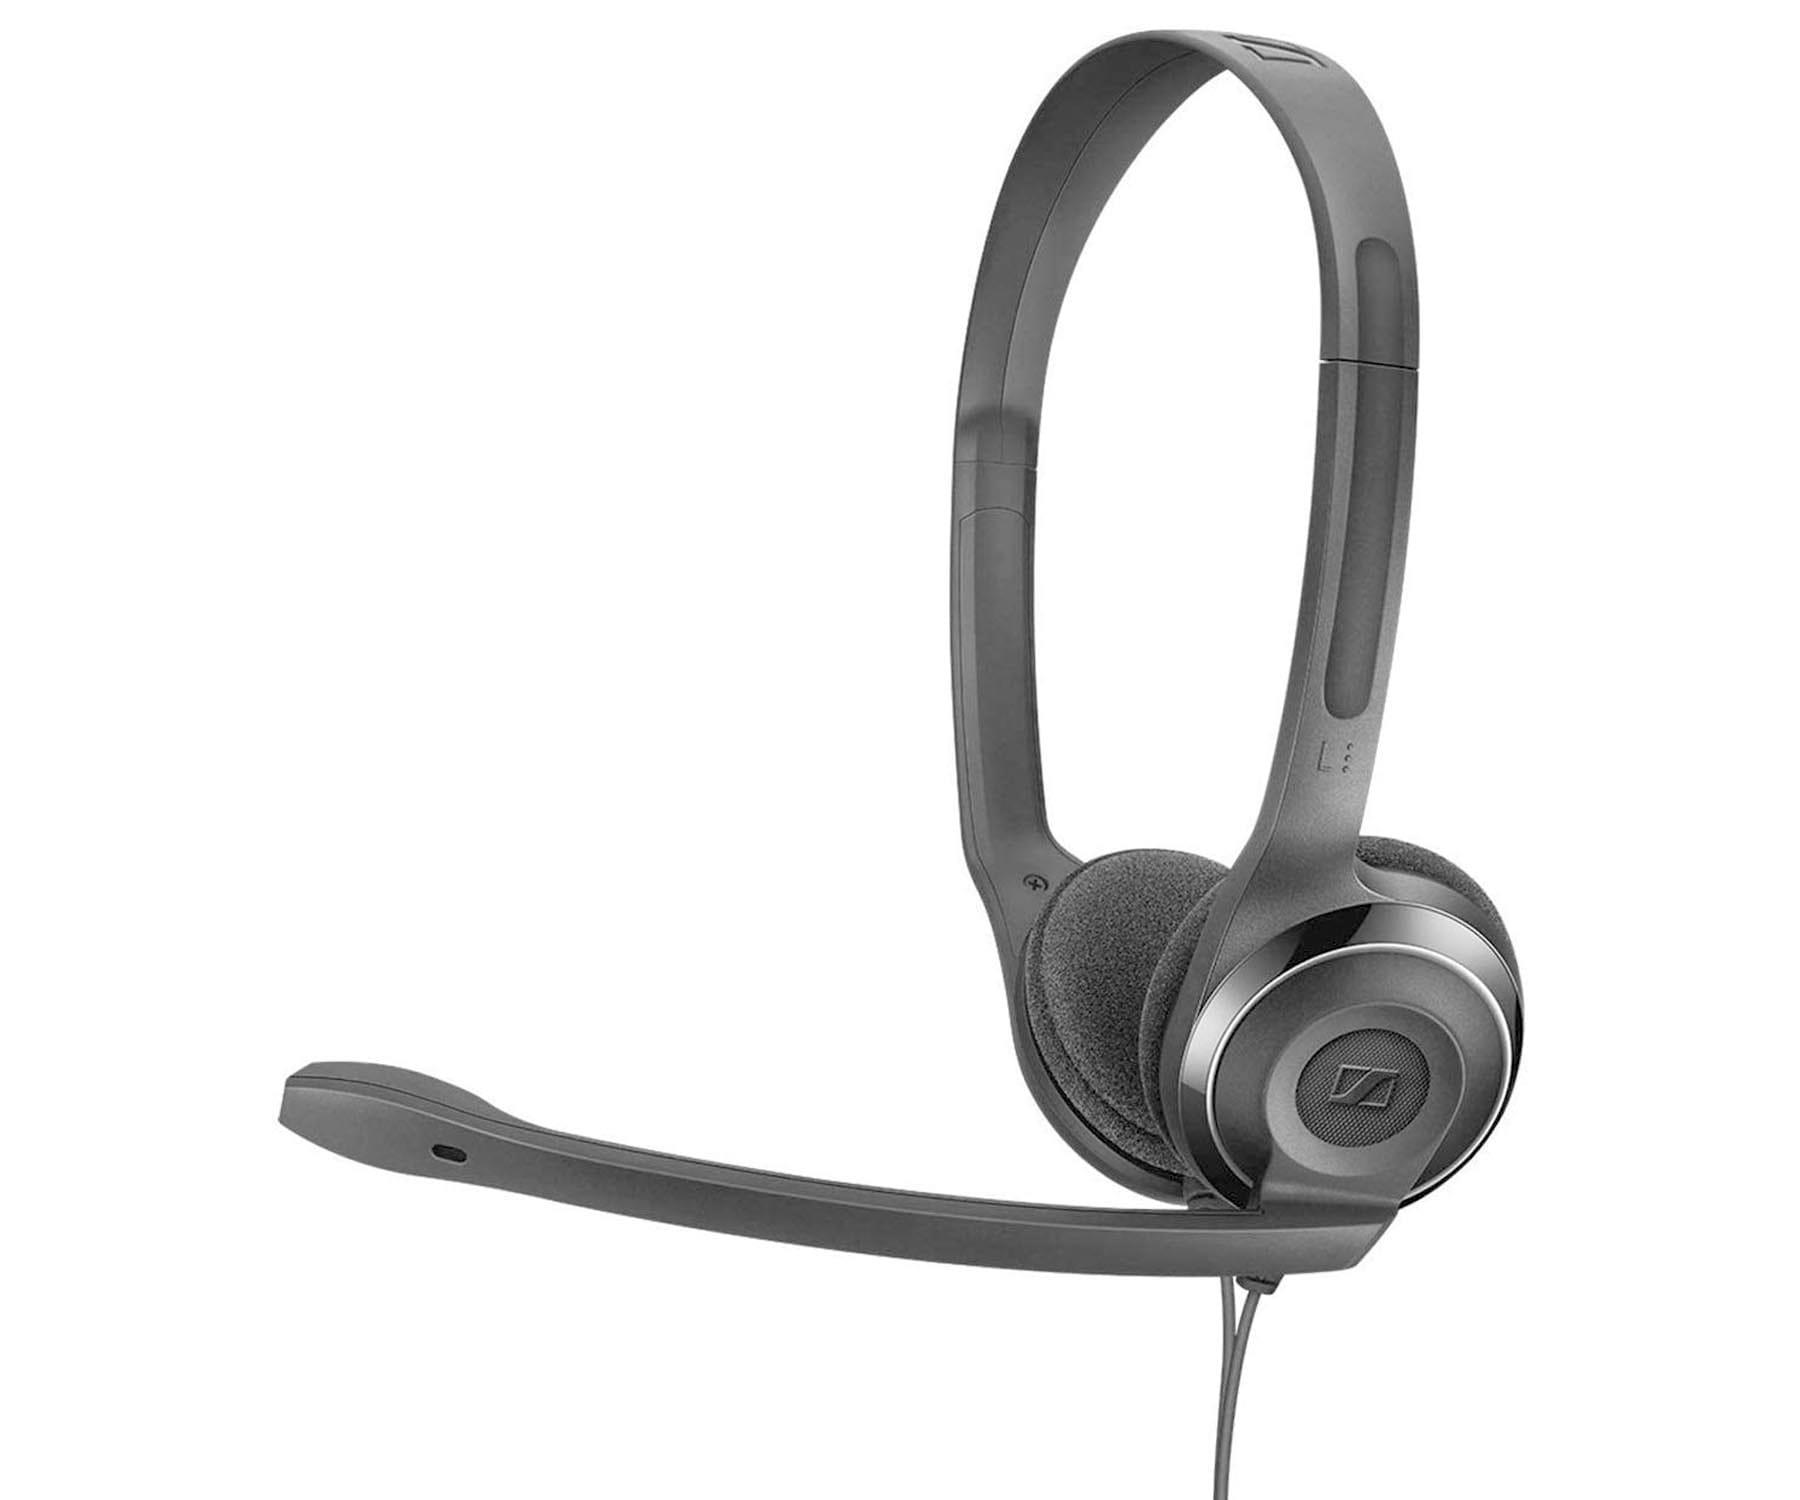 SENNHEISER PC 8 USB NEGRO AURICULARES ON-EAR CON MICRÓFONO CON CANCELACIÓN DE RUIDO